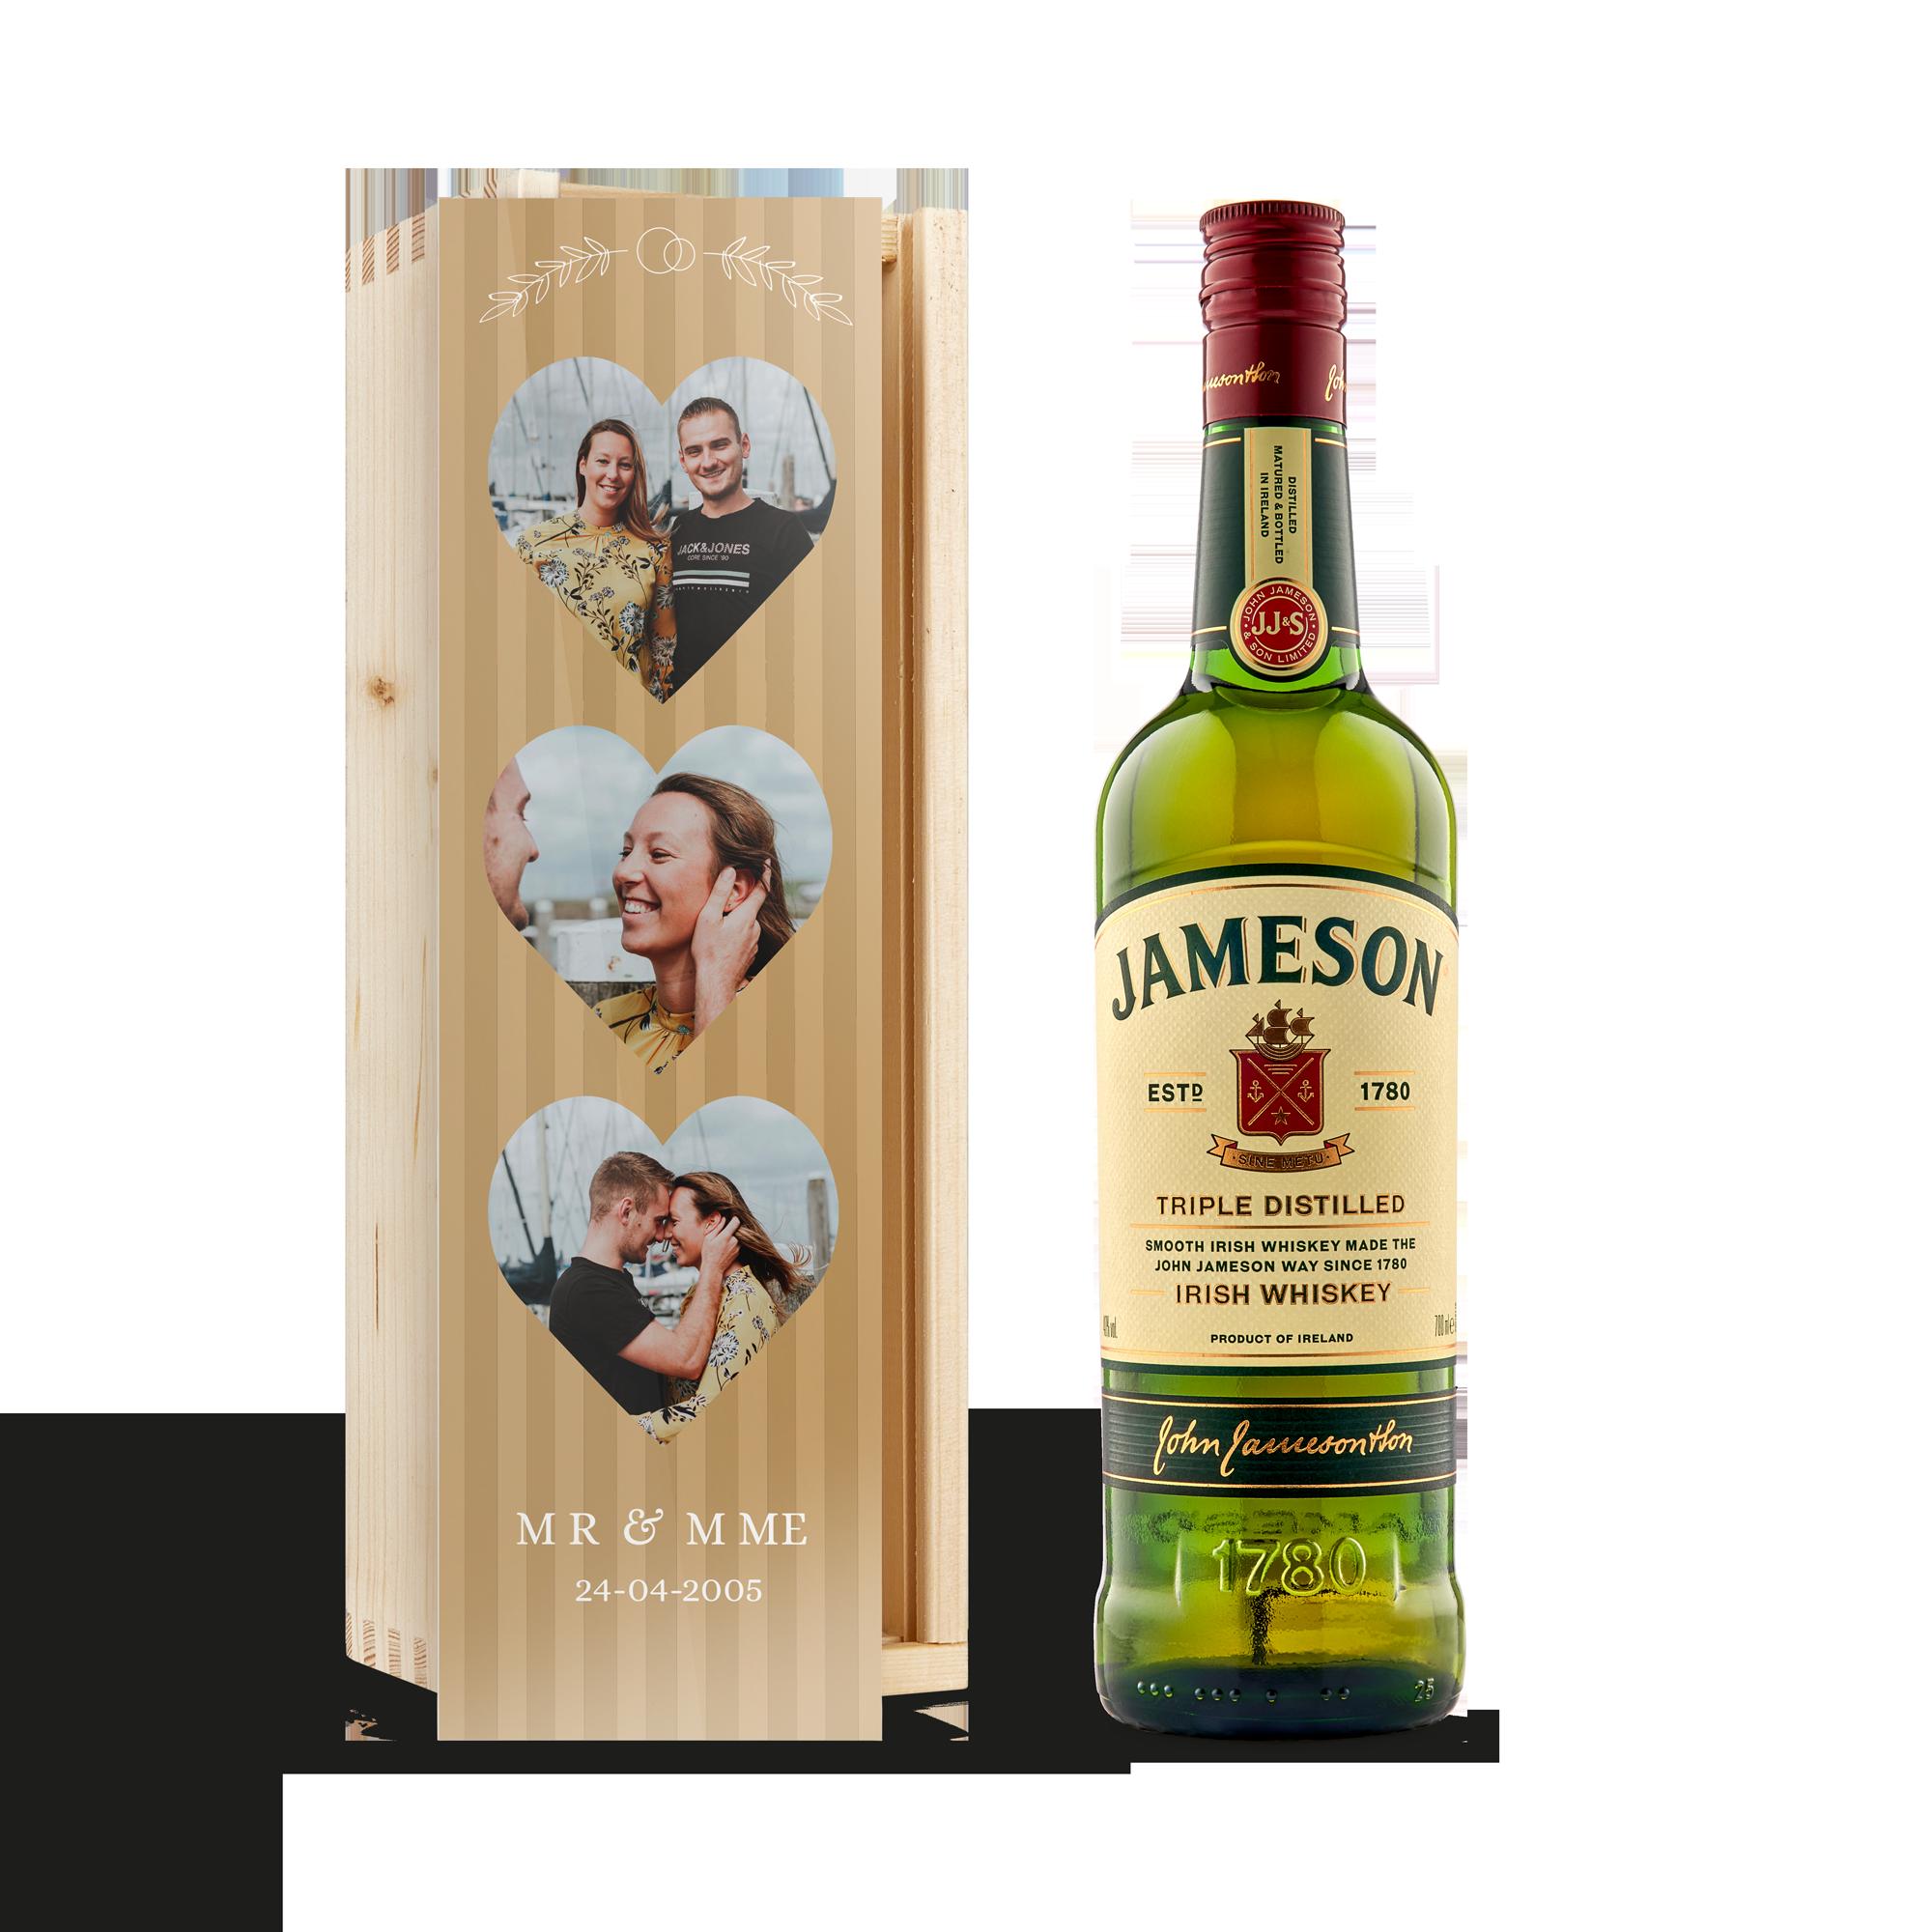 Whiskey in bedrukte kist - Jameson